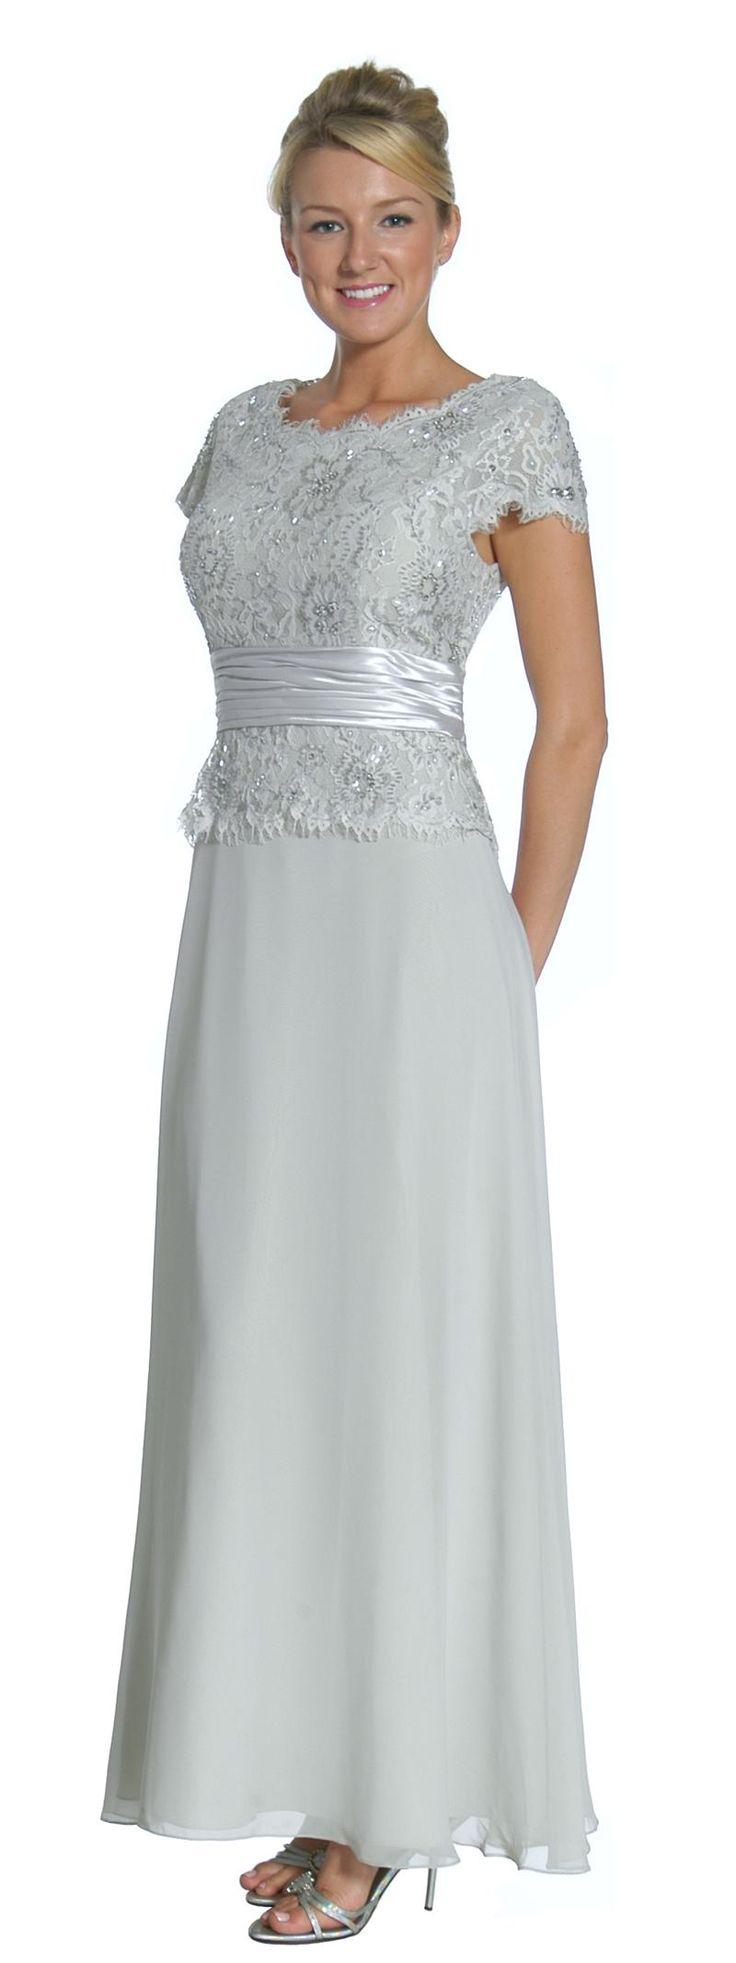 Vintage Lace Affordable Mother of the Bride/Groom Dress | Affordable Formal Dress | Bridalsassique